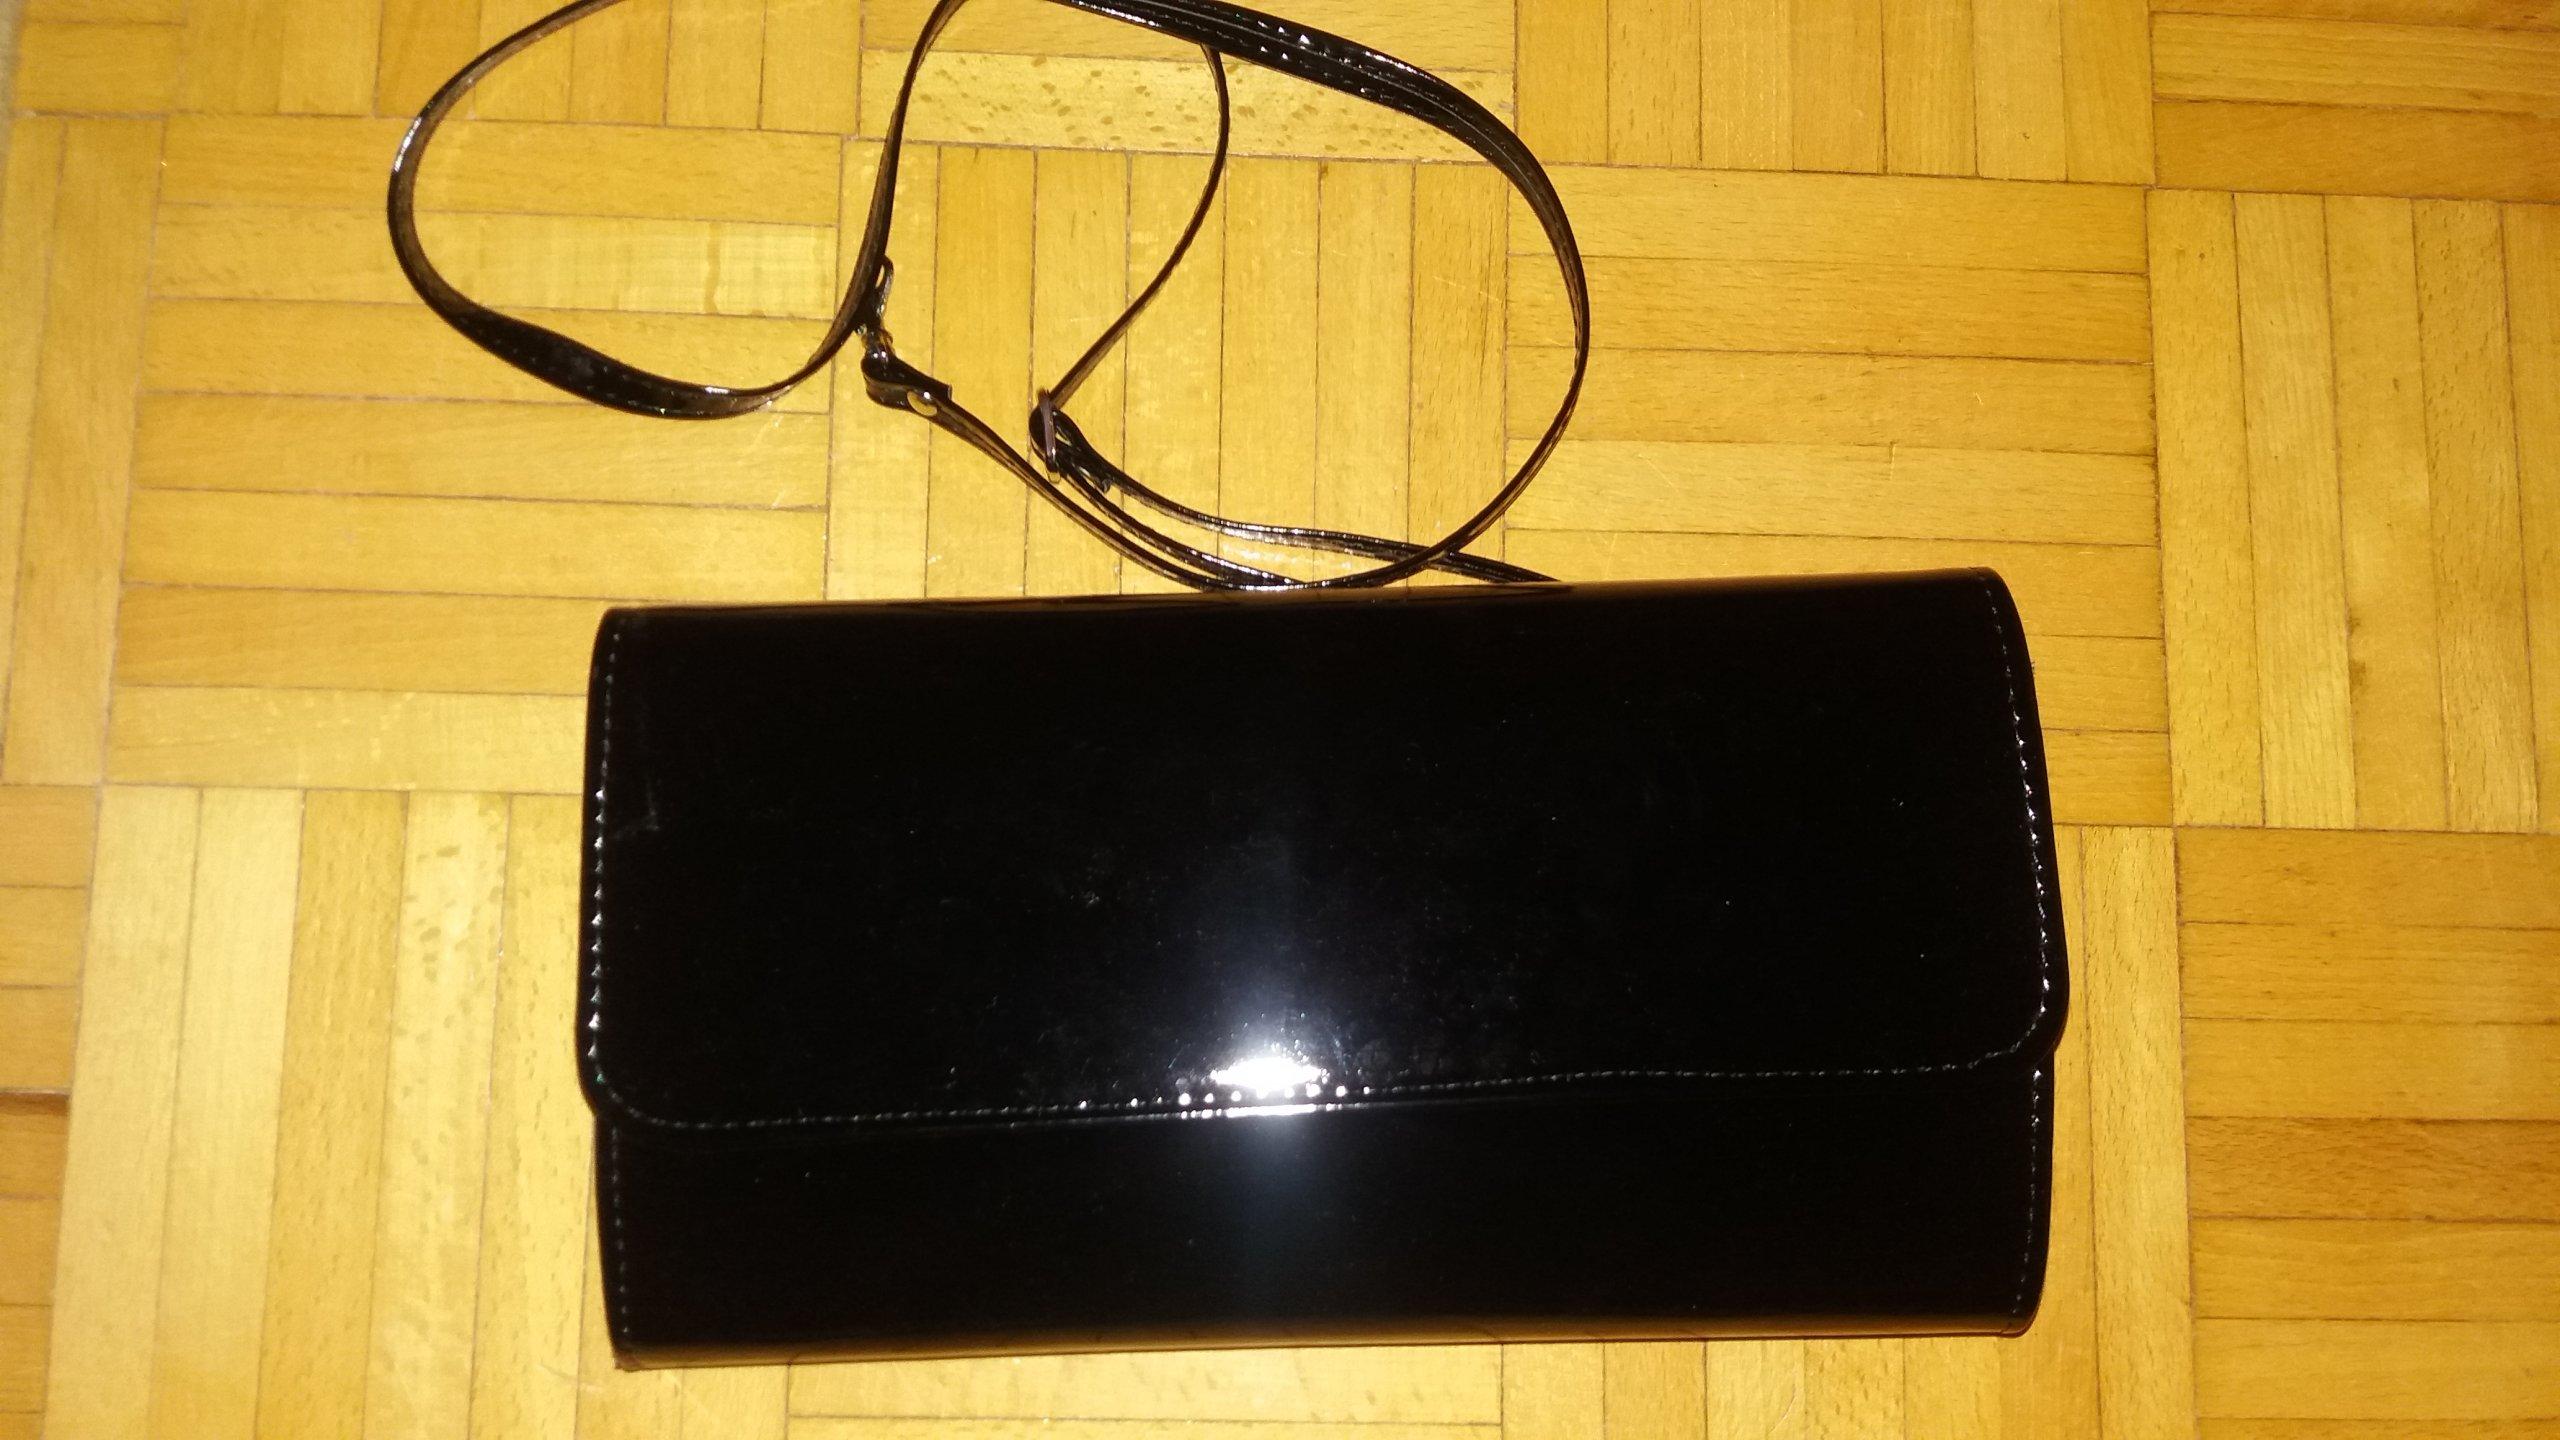 6d0a0f4af81a9 czarna torebka lakierowana kopertówka - 7222560700 - oficjalne ...